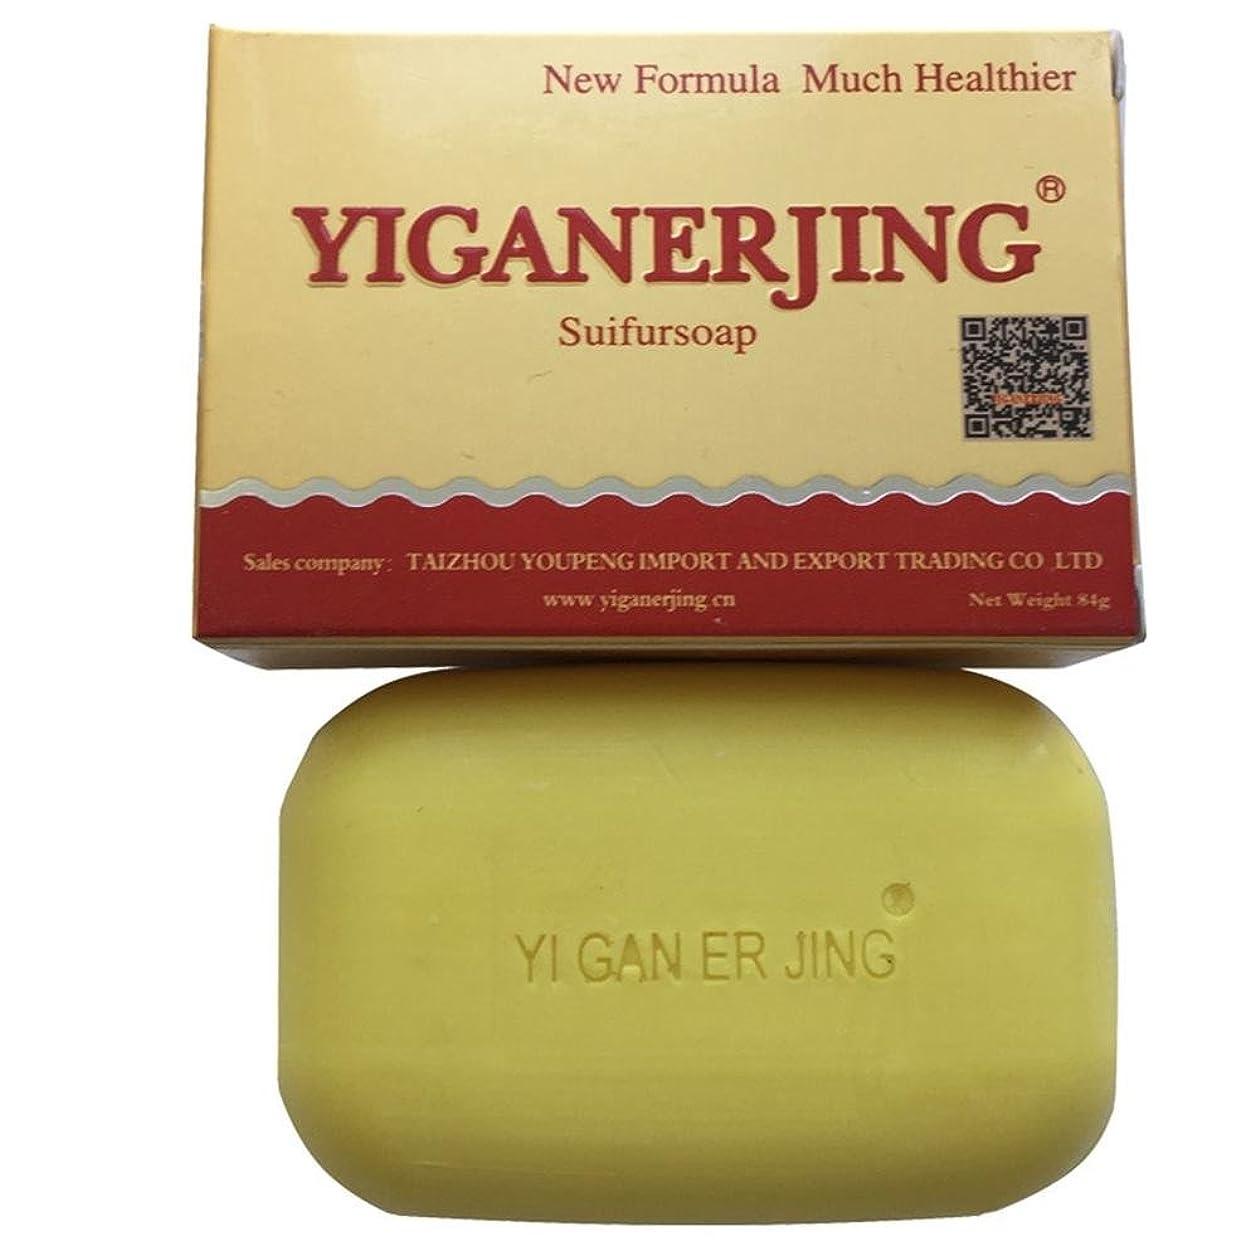 拡大するで無視する洗颜石鹸 顔ダニ対策 硫黄石鹸 肌の状態を改善する 抗真菌バス美白石けんシャンプー石鹸 洗颜用品 90g